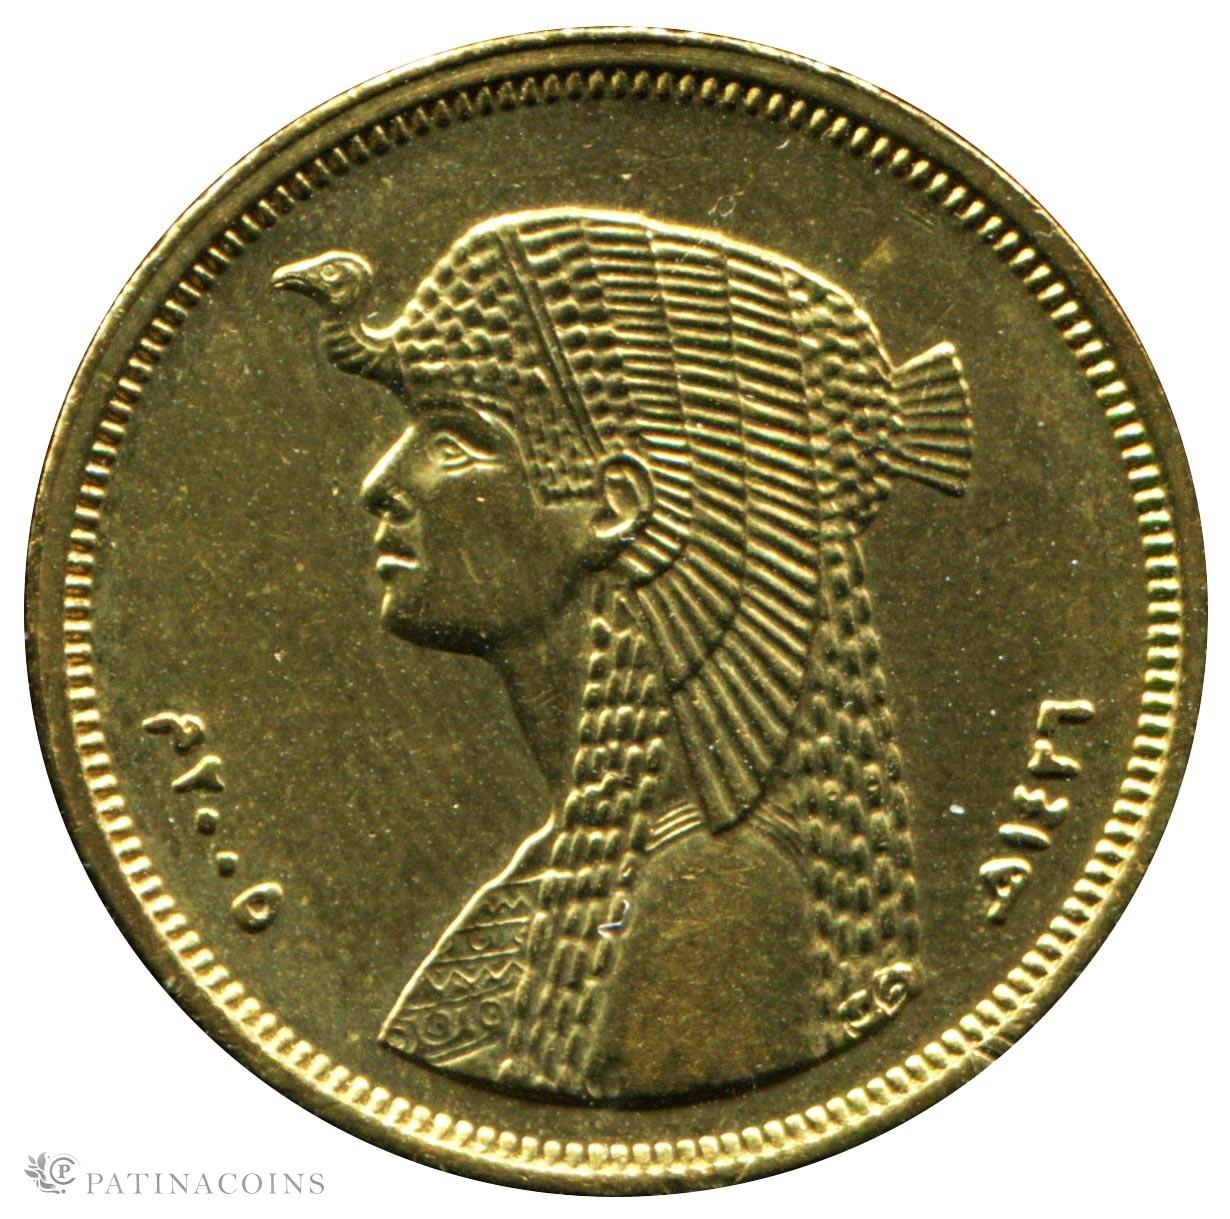 египетские фунты и пиастры фото сегодняшний день существует